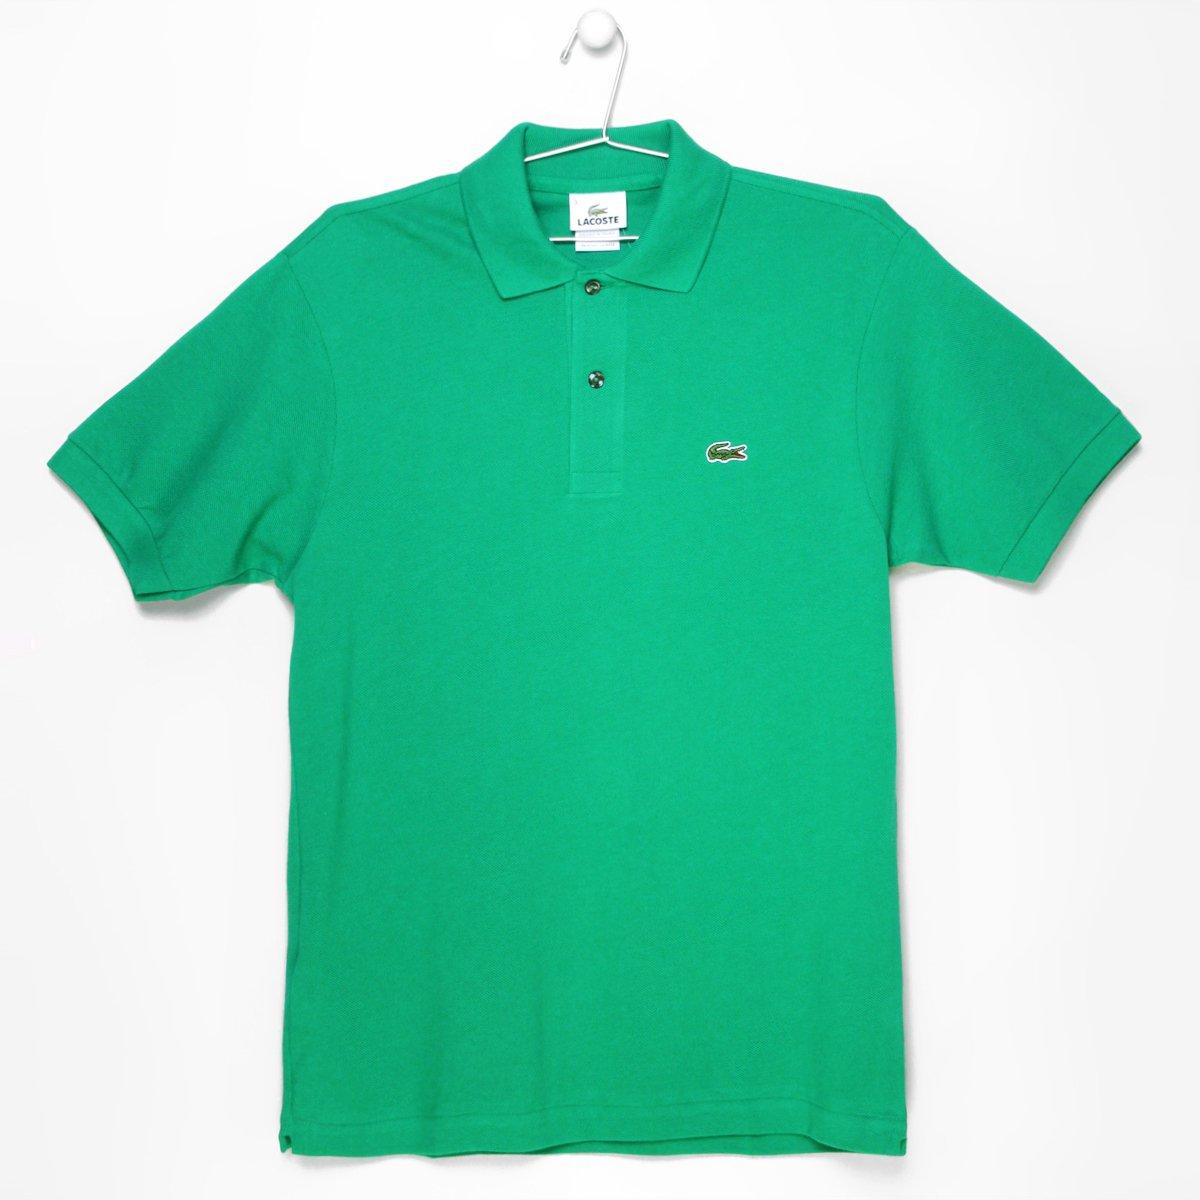 a7da6ef99c960 Camisa Polo Lacoste Original Fit Masculina - Verde Limão - Compre ...